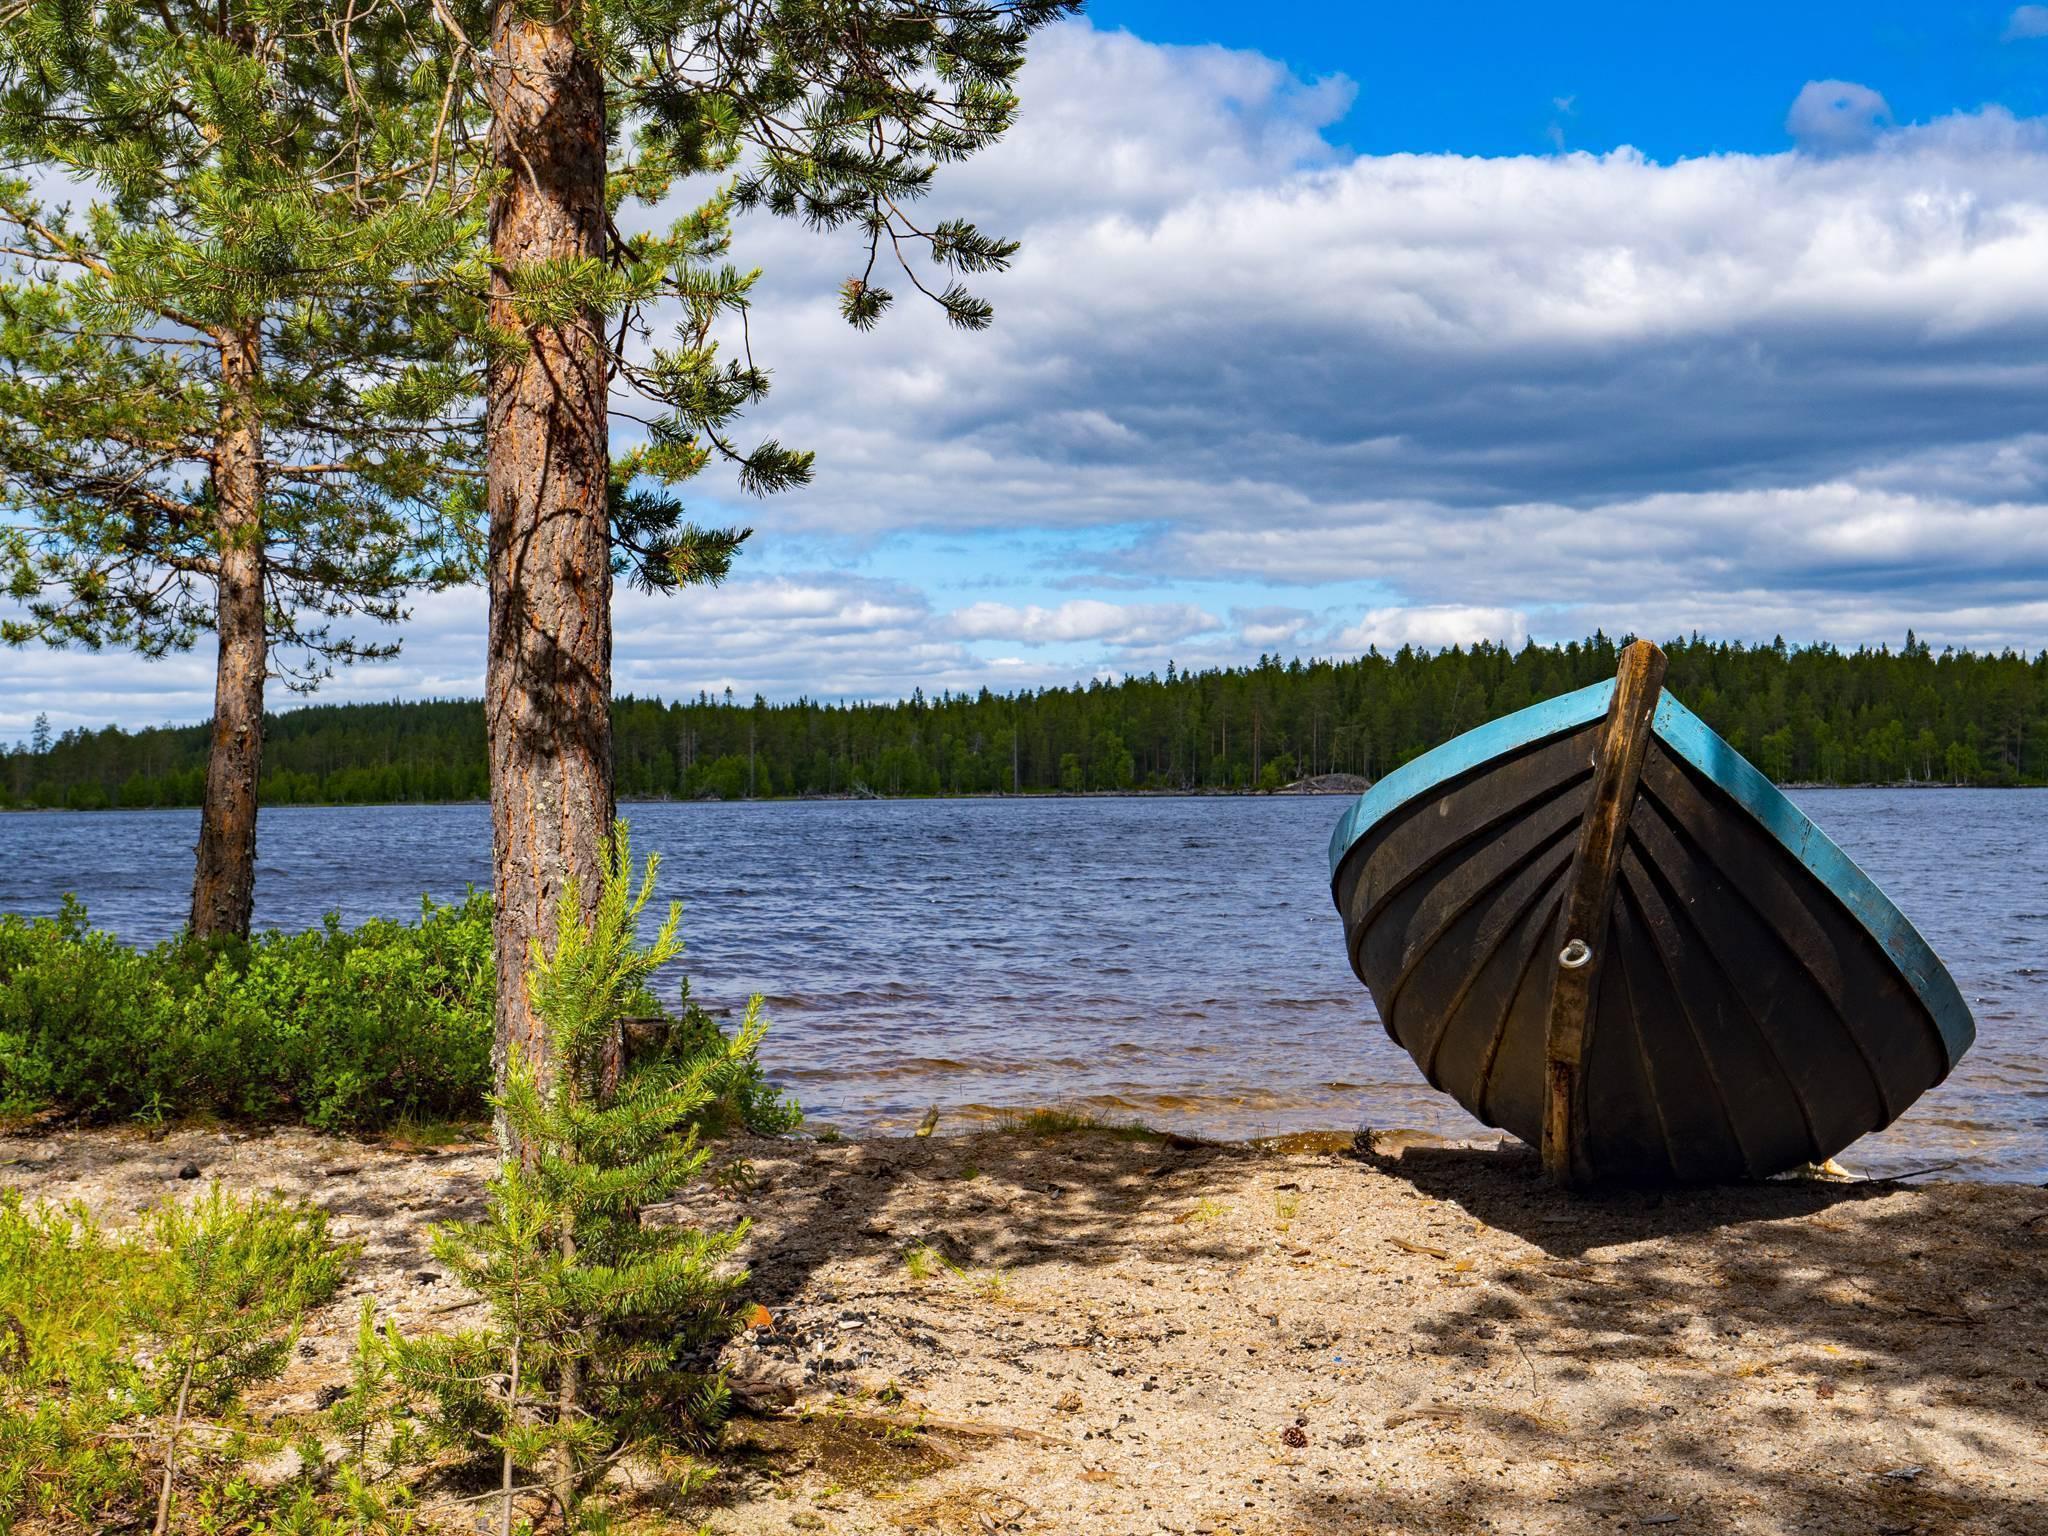 Северная карелия: кенто — куйто, пороги и пляжи: описание